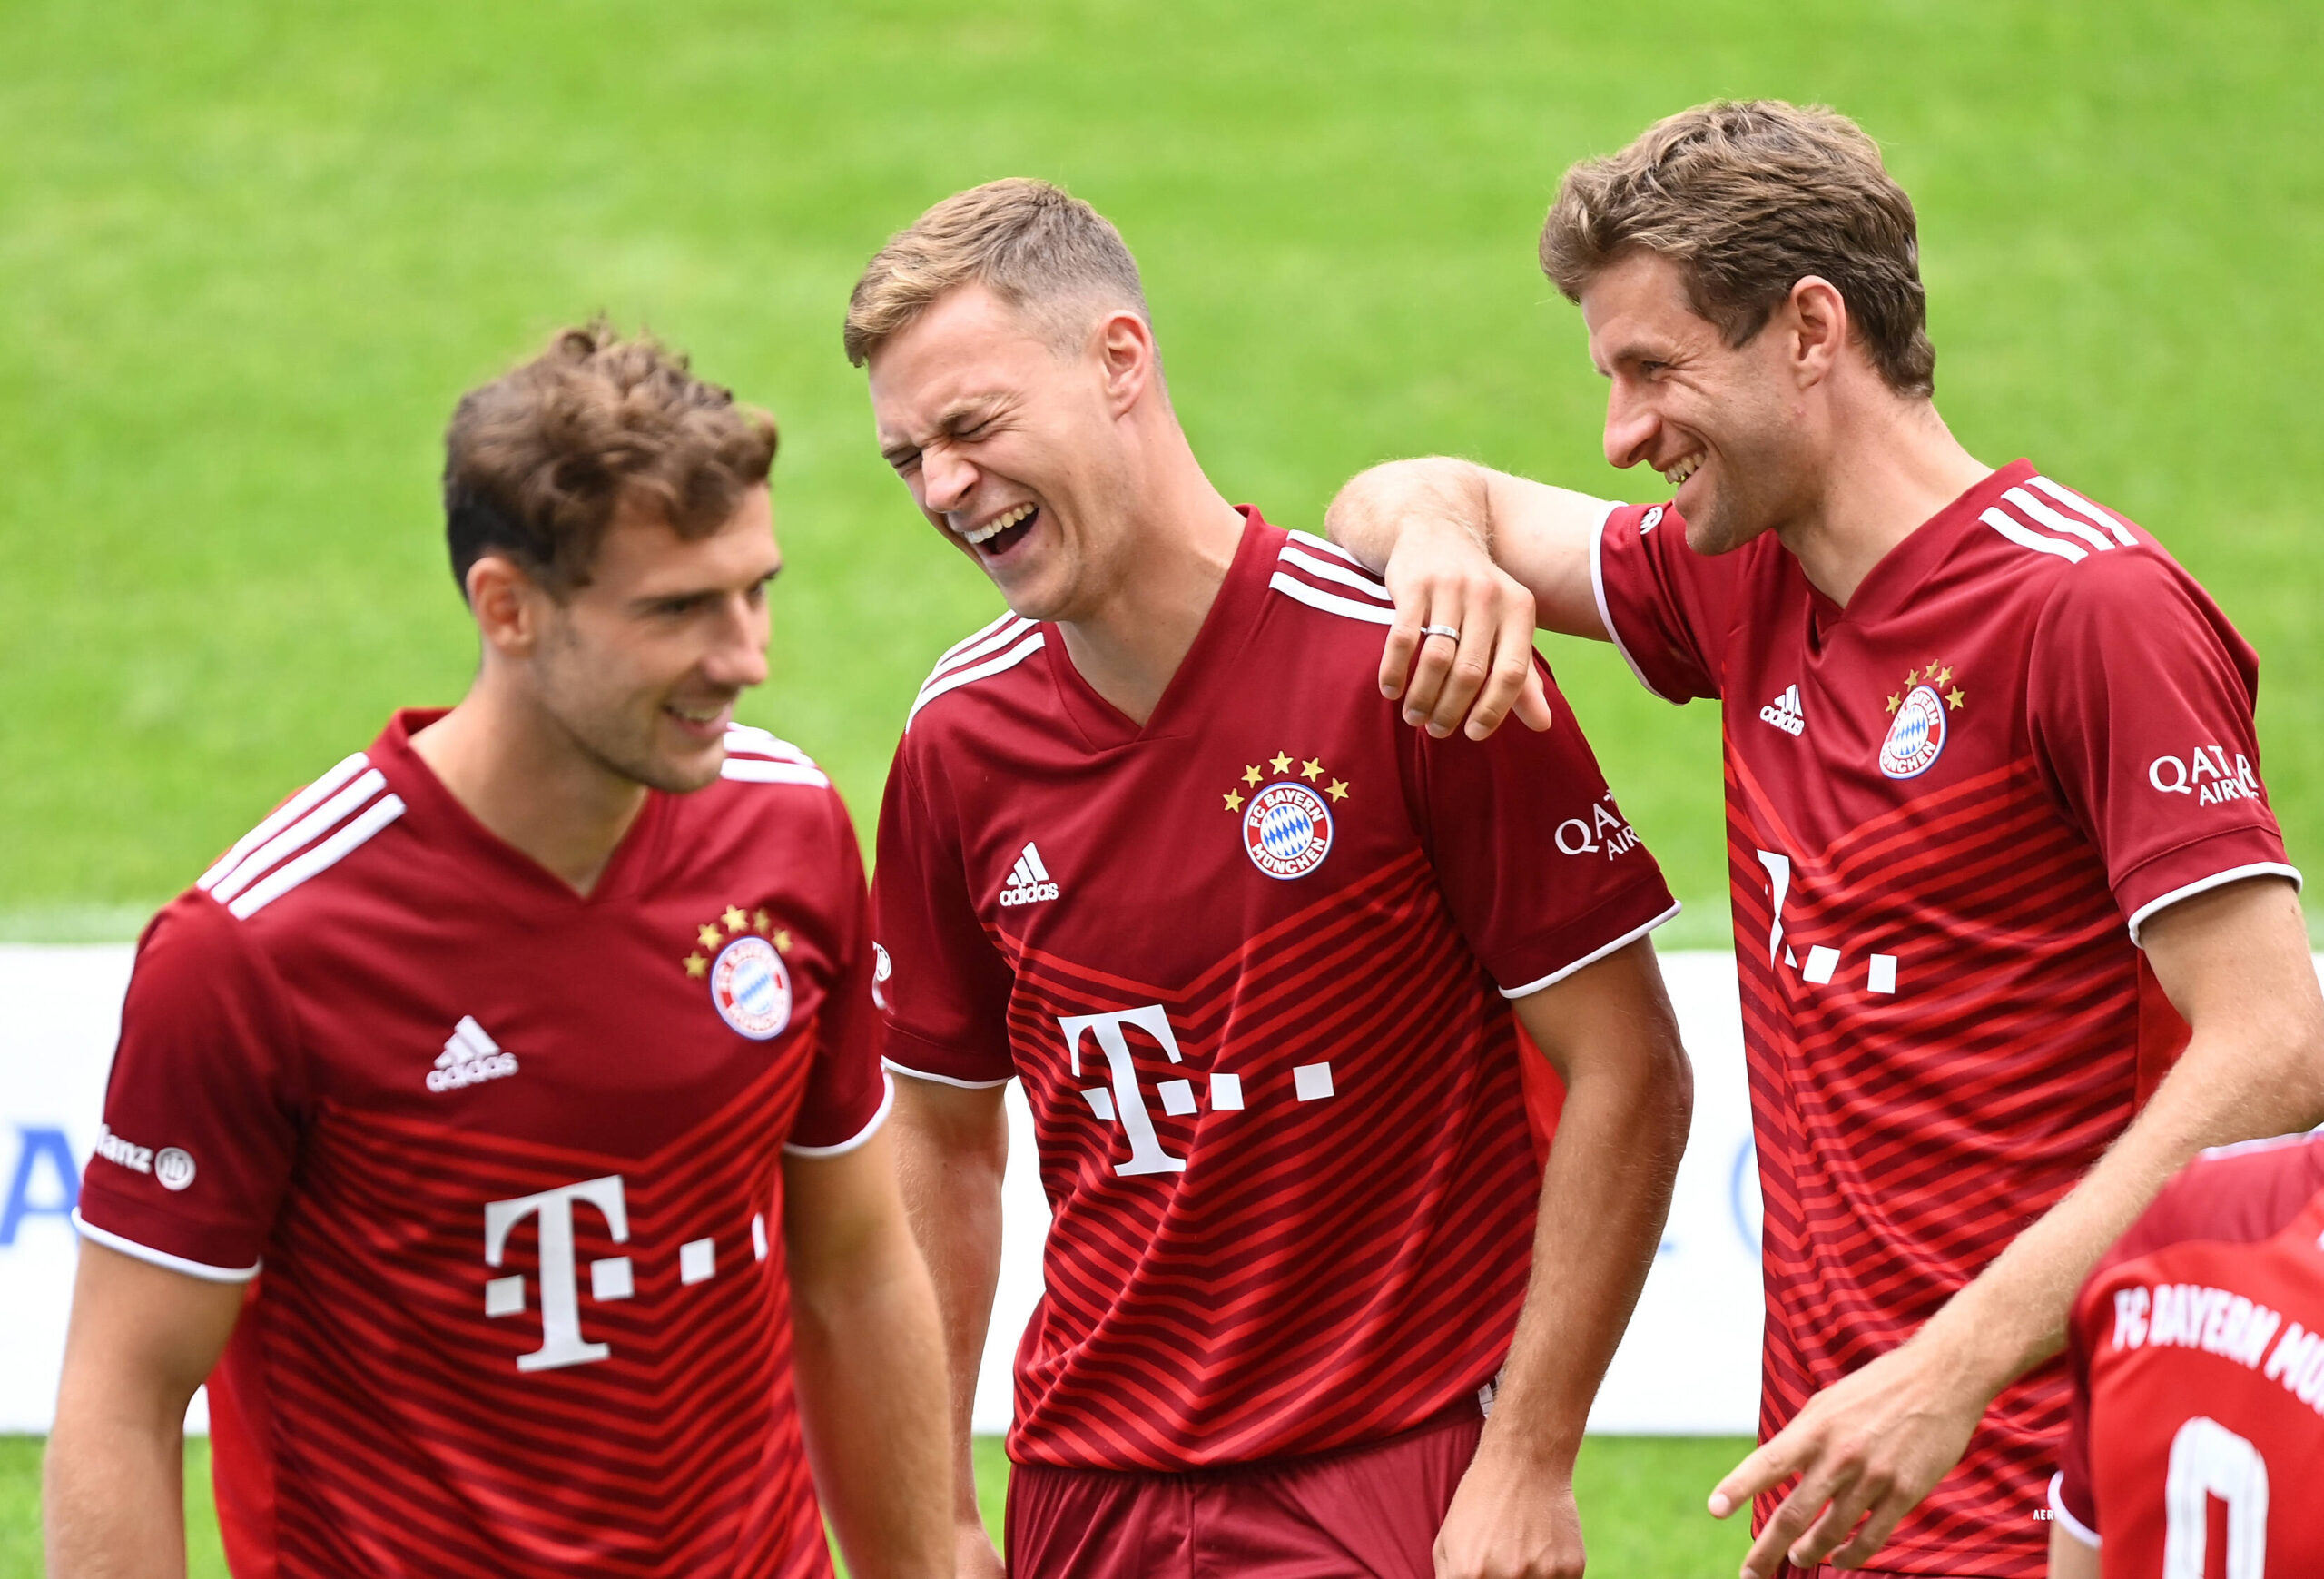 Joshua Kimmich se ríe junto a Thomas Müller y Leon Goretzka en la presentación del equipo del FC Bayern München. Fuente: Imago Images